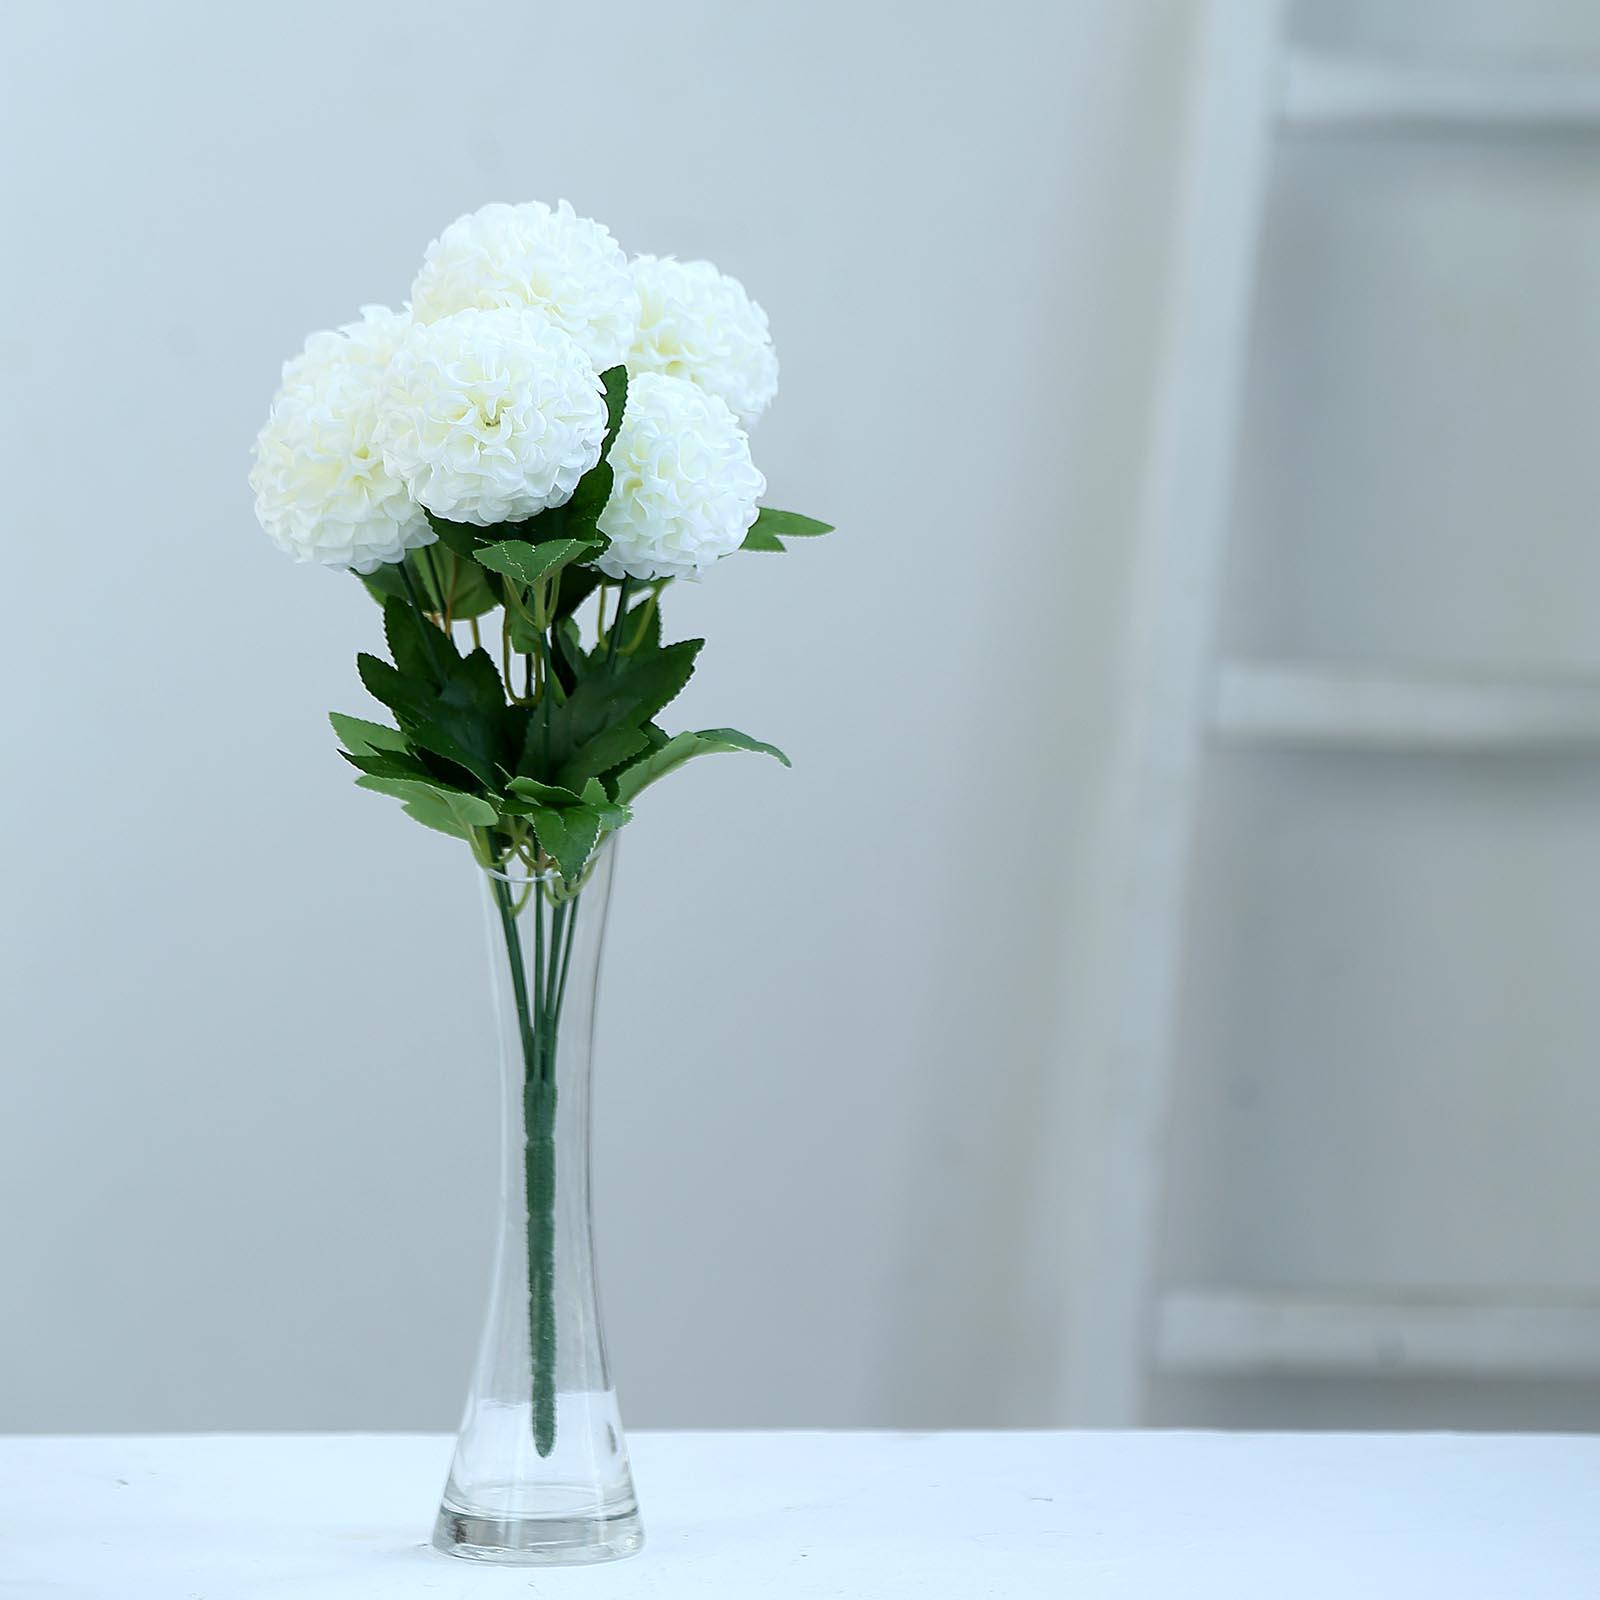 28 pcs 16-Inch tall Chrysanthemum Mums Silk Artificial Flowers Centerpieces Sale